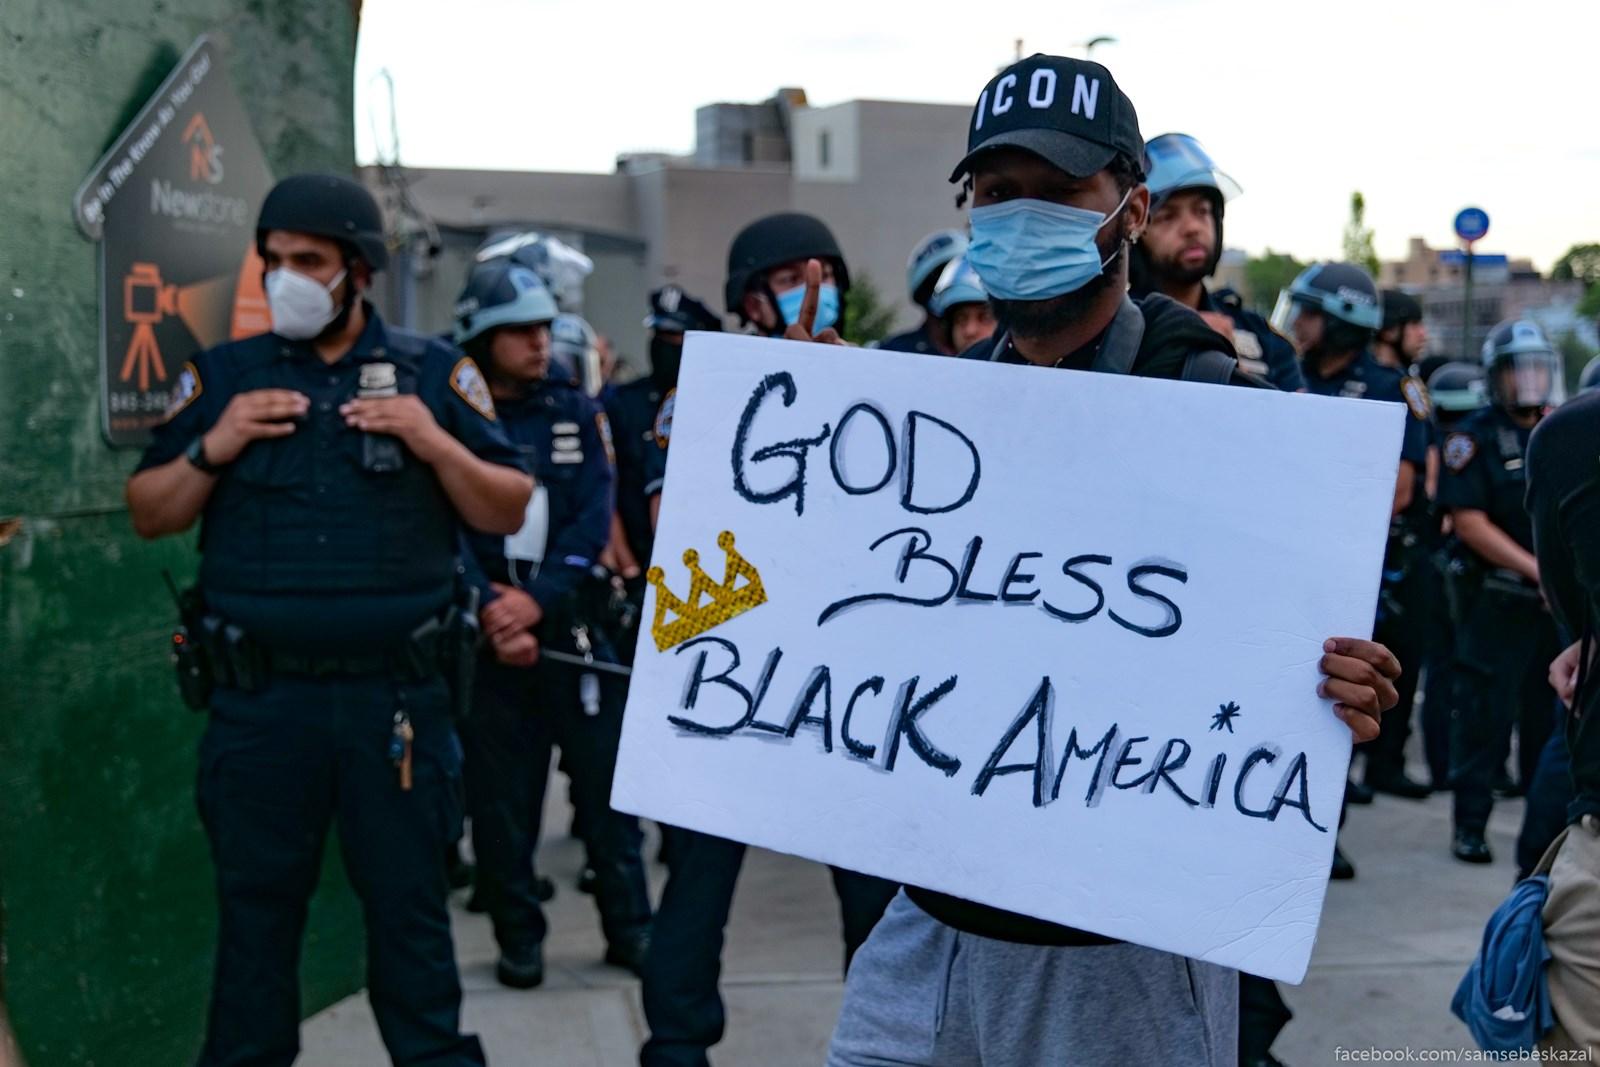 Boze hrani cernuu Ameriku.